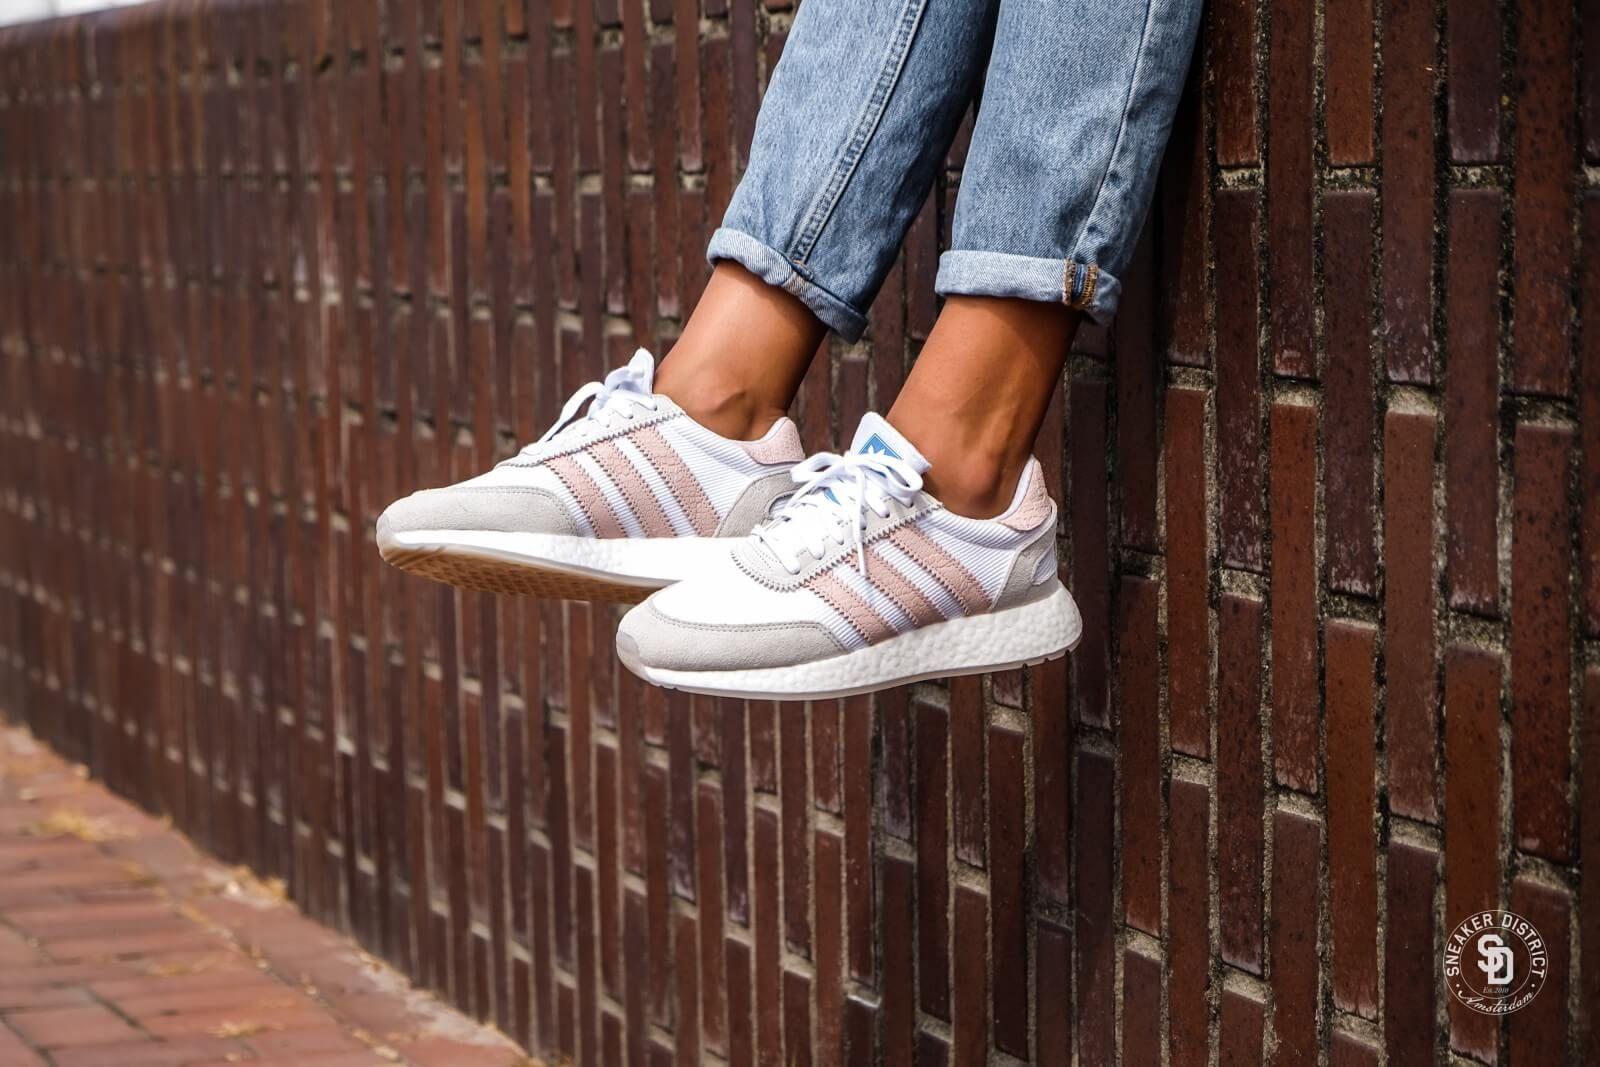 lindalinduh | Fashion in 2019 Adidas vrouwen, Adidas